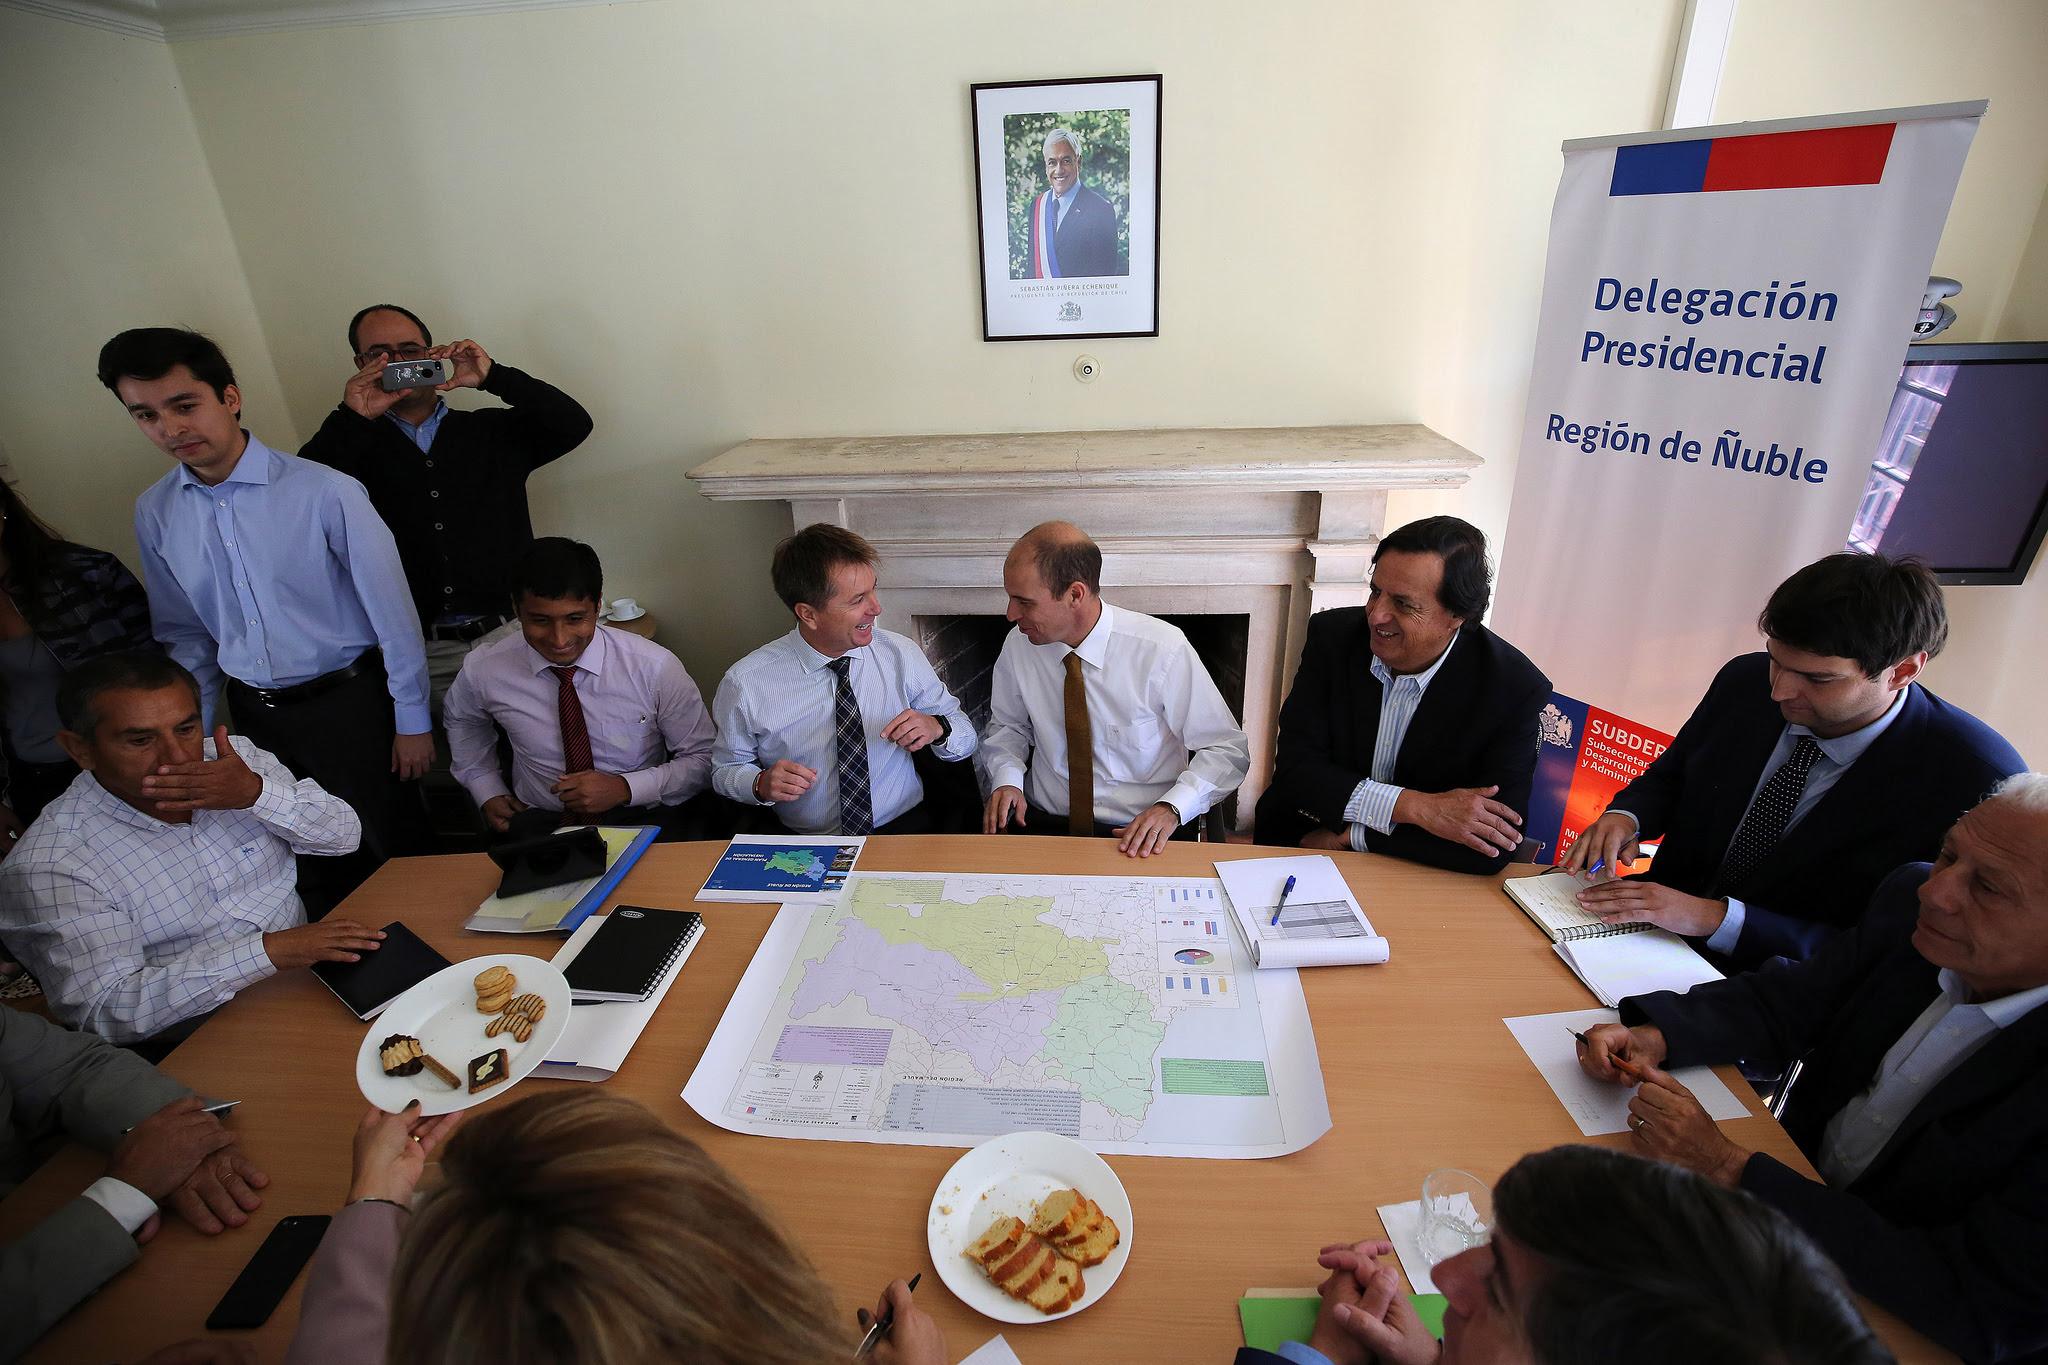 Subdere ratifica proceso de instalación de la nueva Región de Ñuble para este año